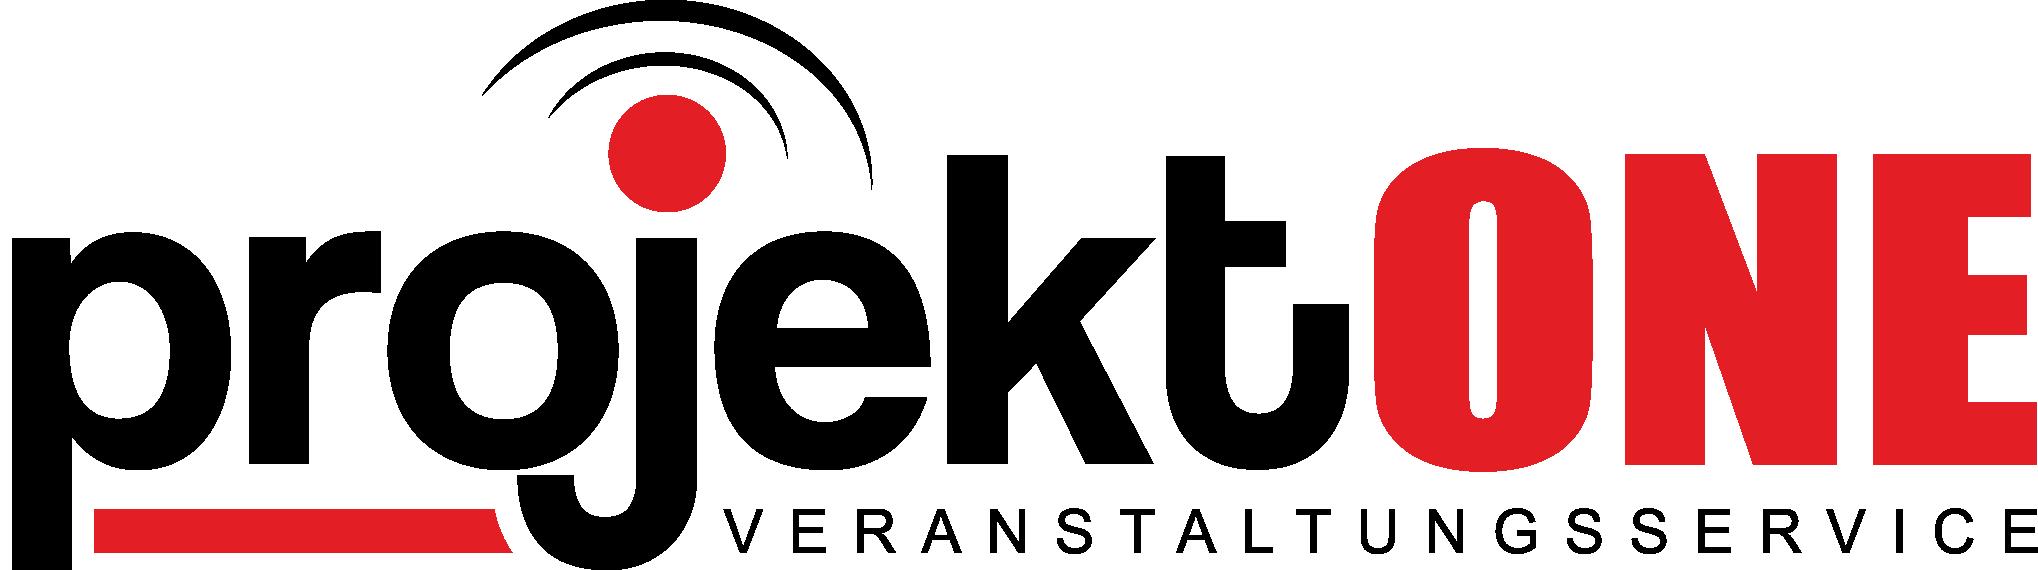 Logo der Veranstaltungsservice - projekt ONE